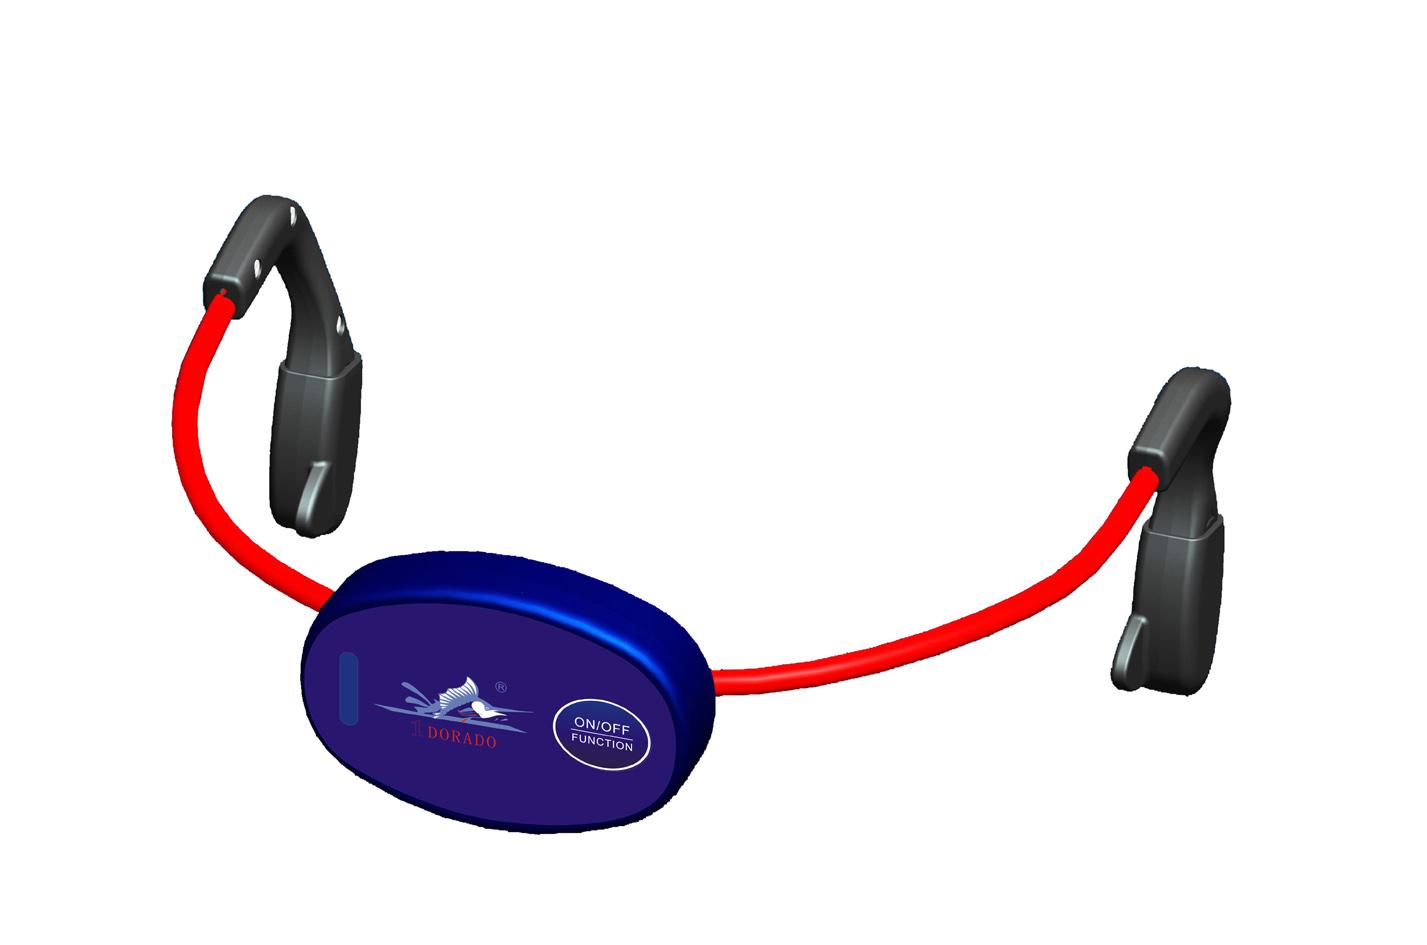 Водонепроницаемый mp3 плеер 1dorado 902, купить в интернет м.